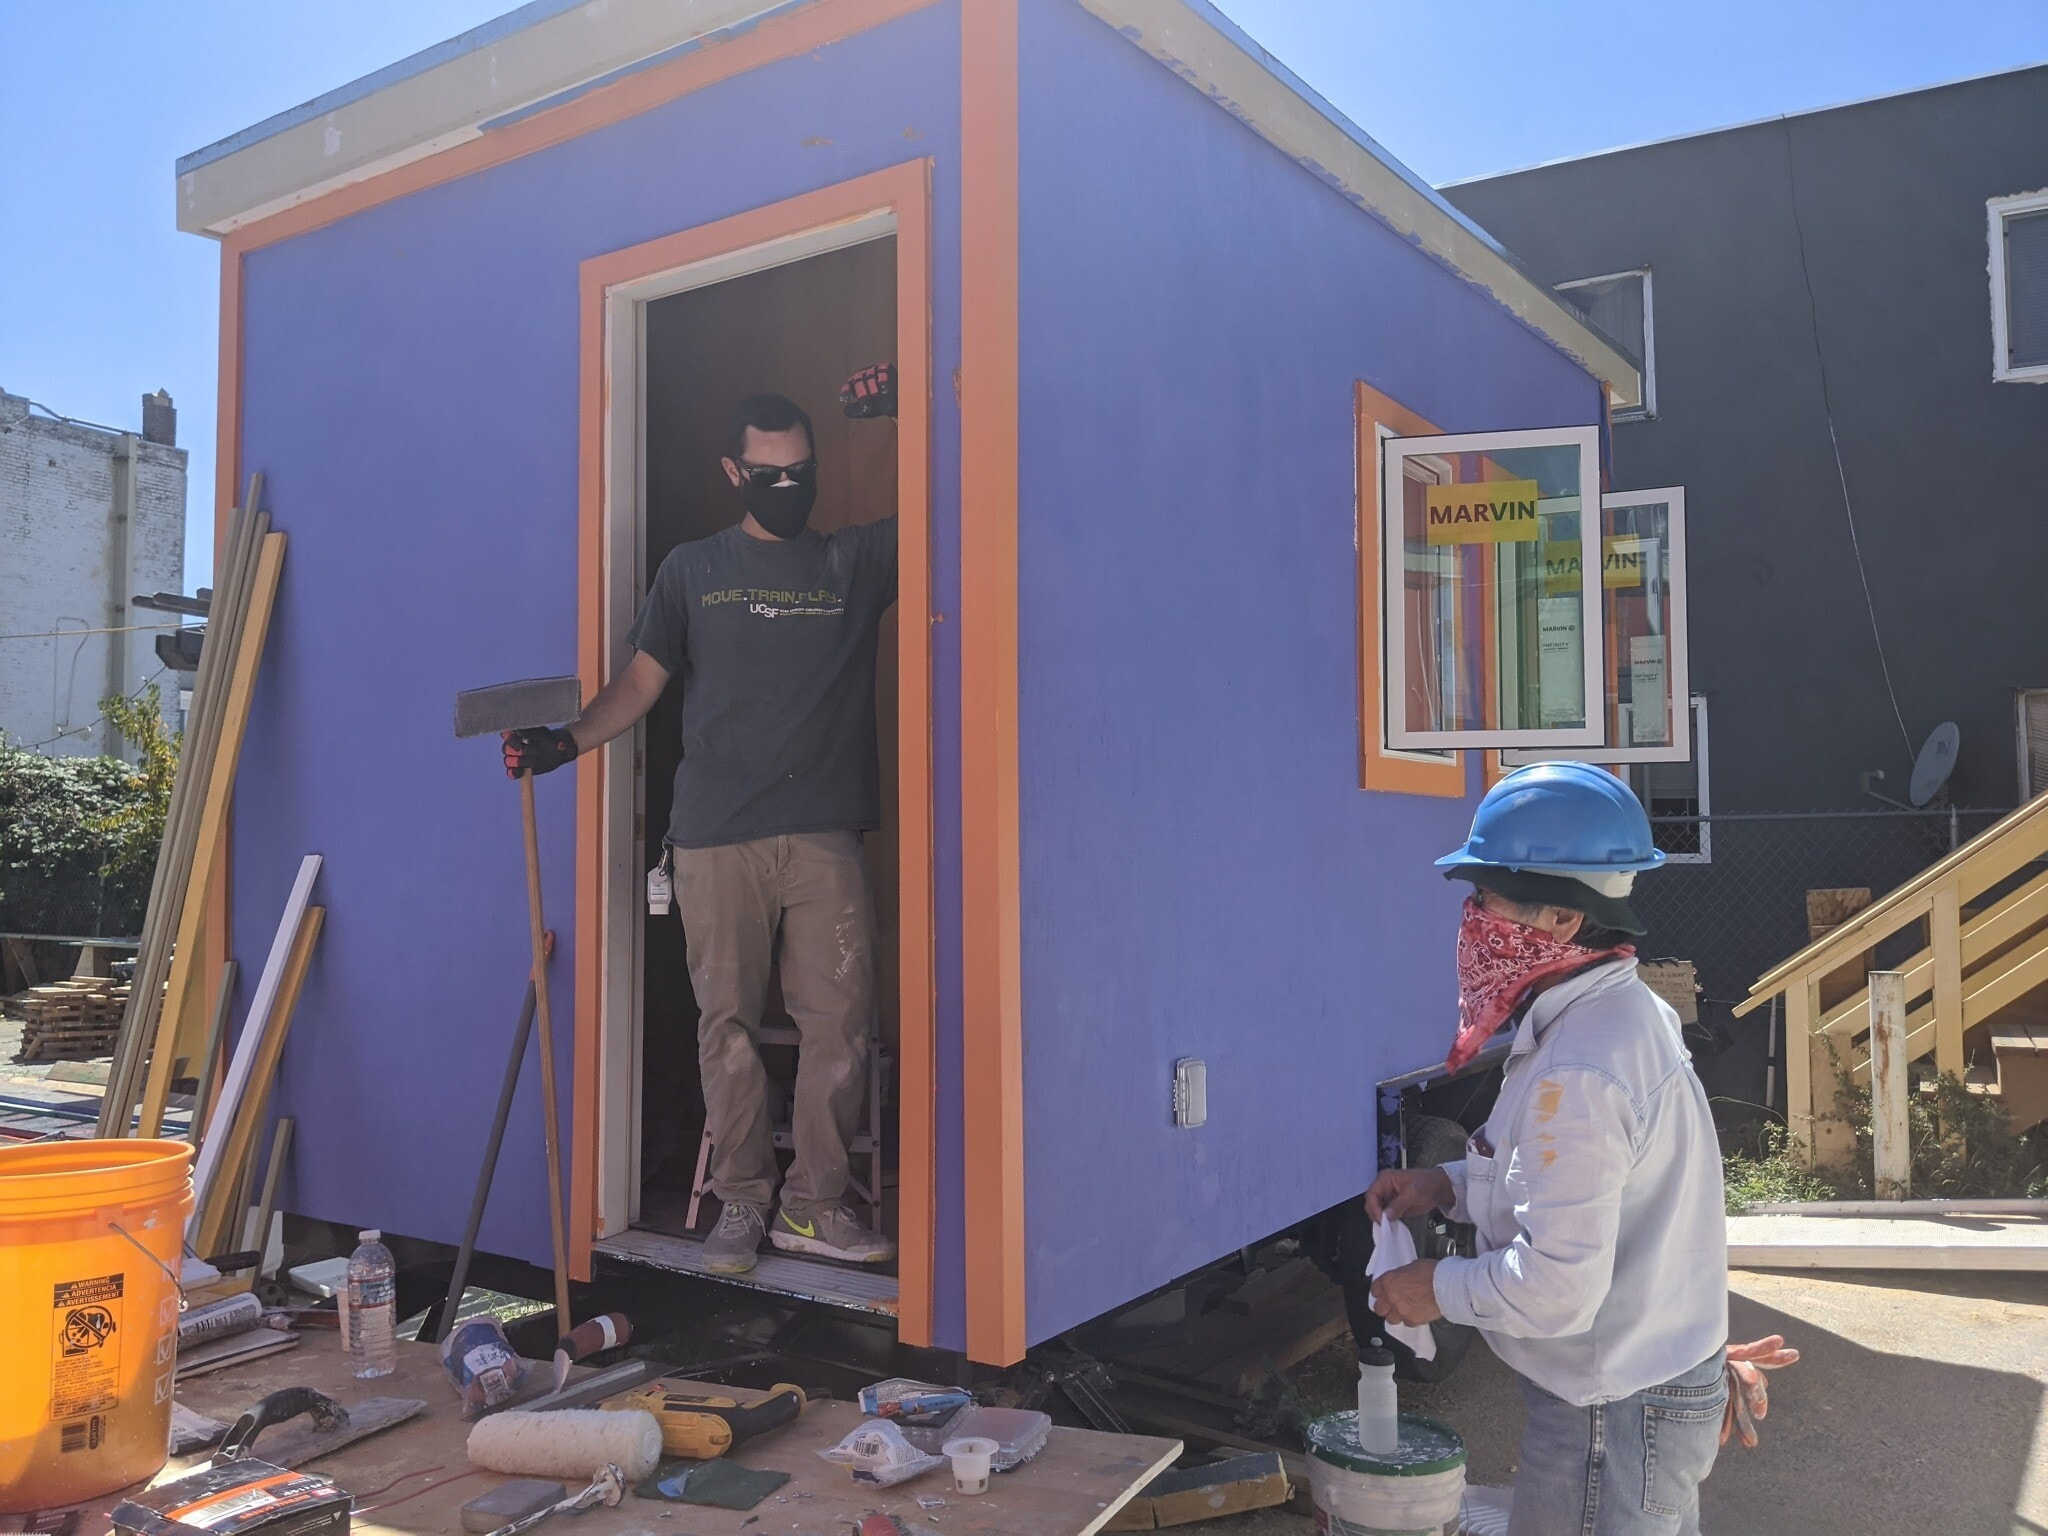 מתנדבים בכפר הבתים הזעירים צובעים את הבתים, 15 באוגוססט 2020 (צילום: מלאני לידמן)